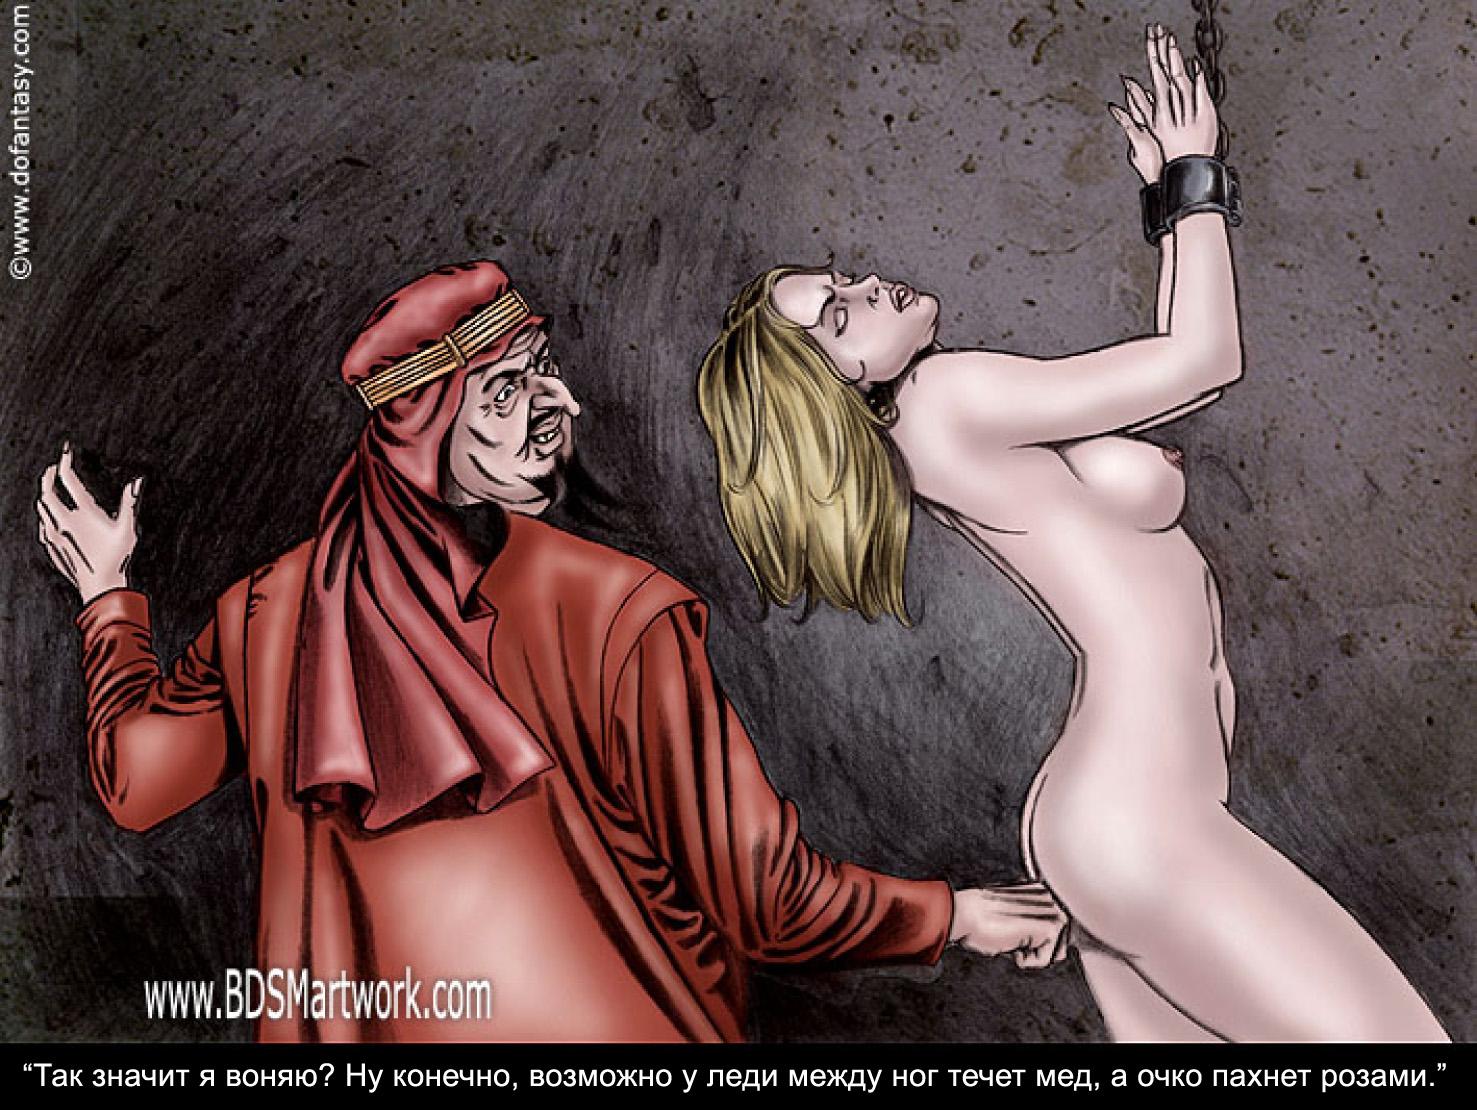 Рассказы рабыни секс, Порно рассказы про рабство. Читать порно рассказы 3 фотография